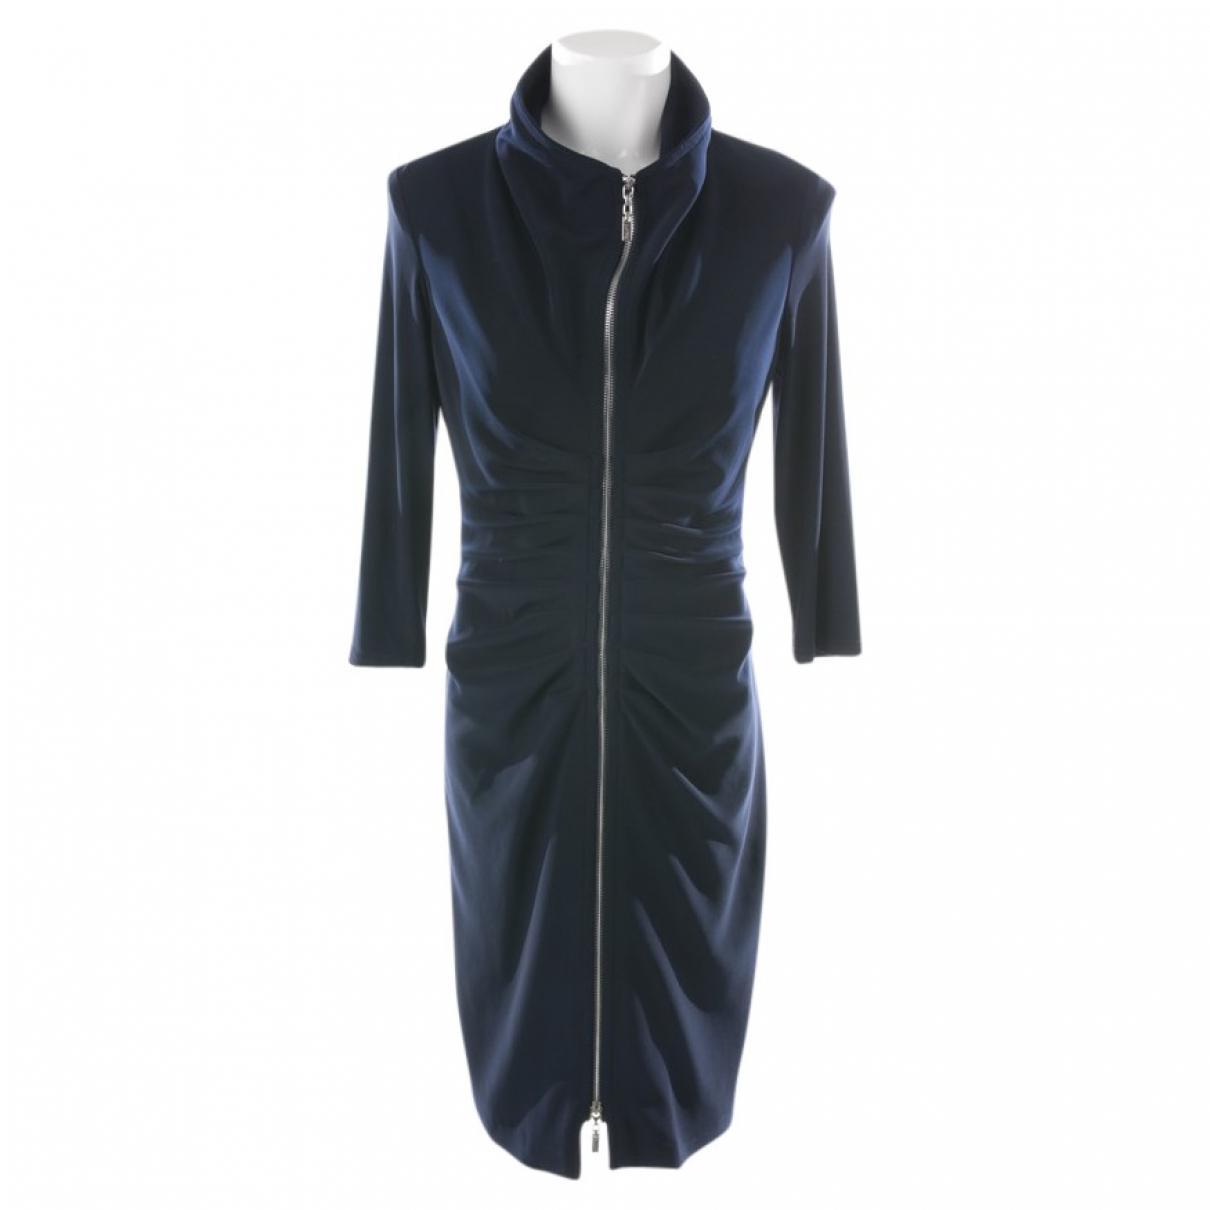 Joseph Ribkoff \N Blue dress for Women 38 FR